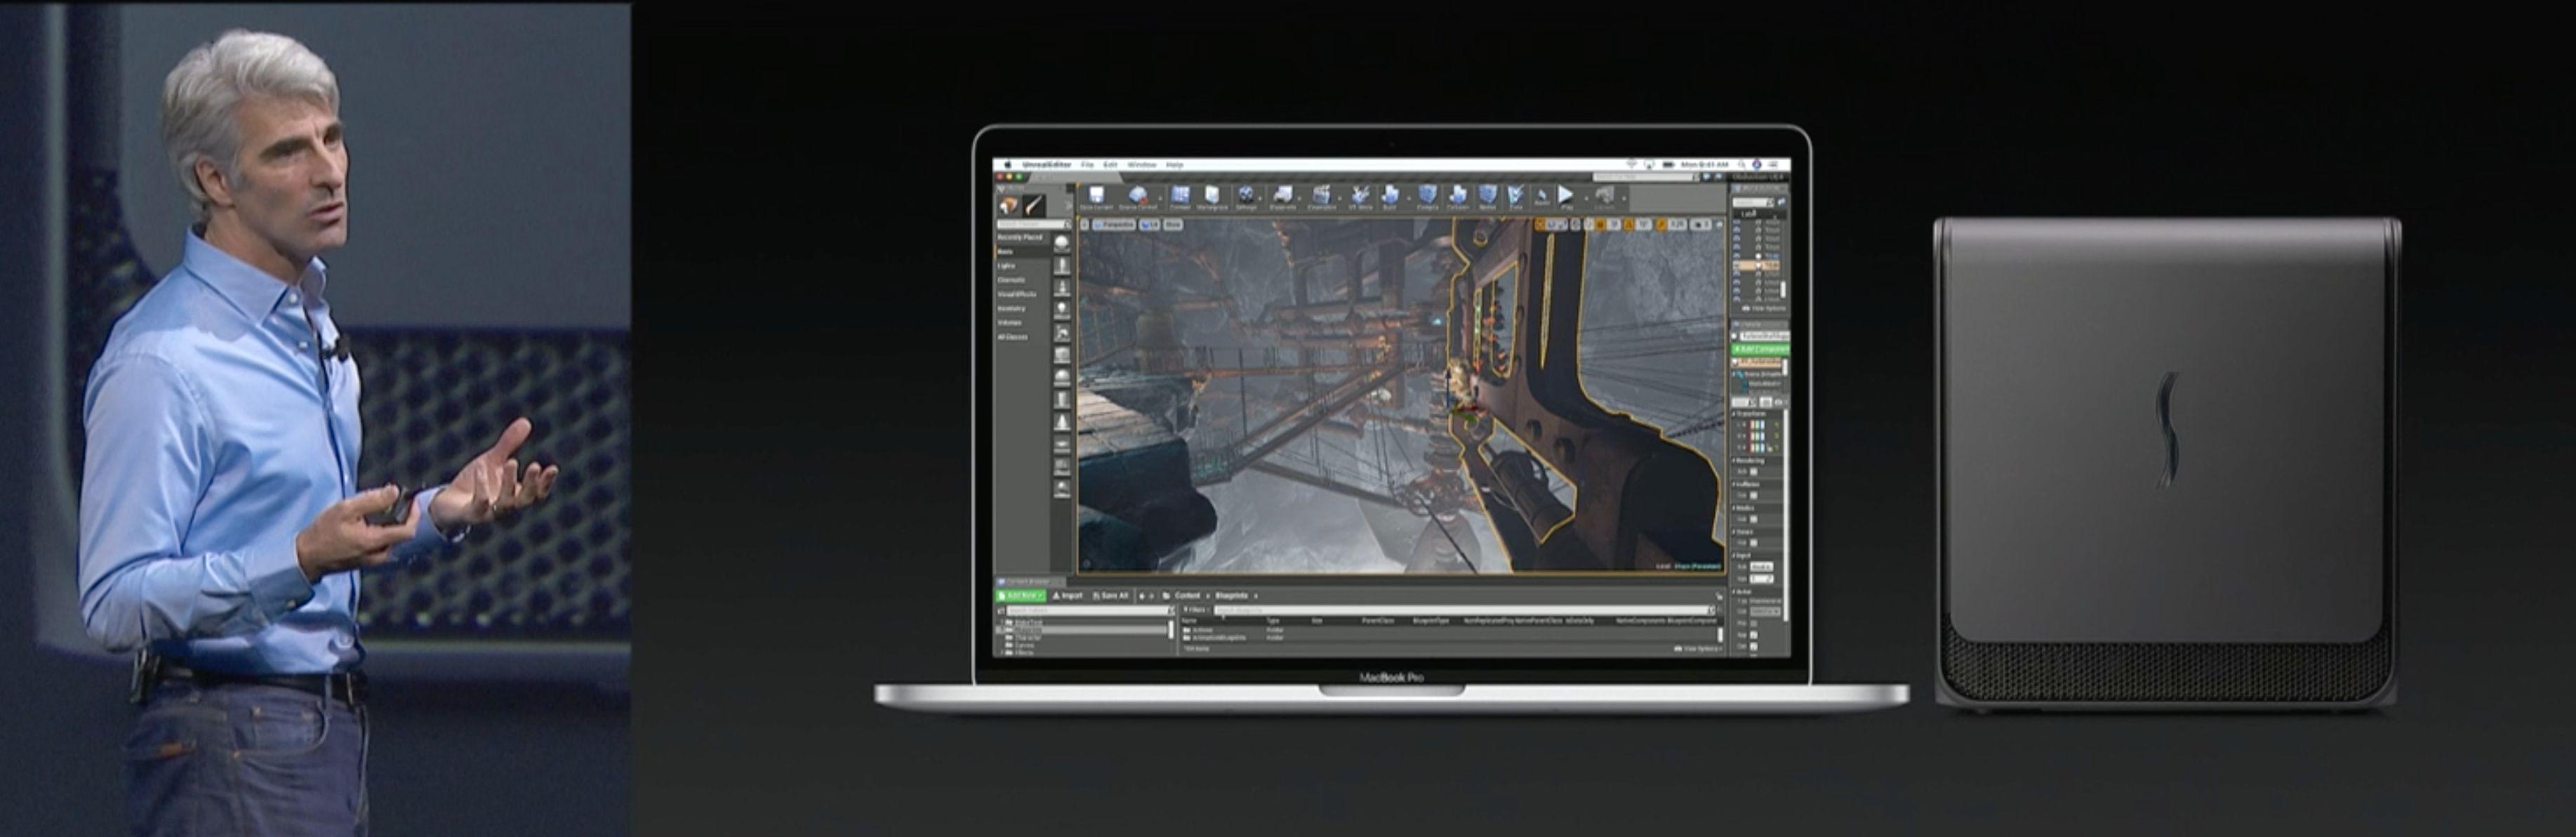 MacBook Pro-modellene får nå støtte for ekstern grafikk, direkte fra Apple.